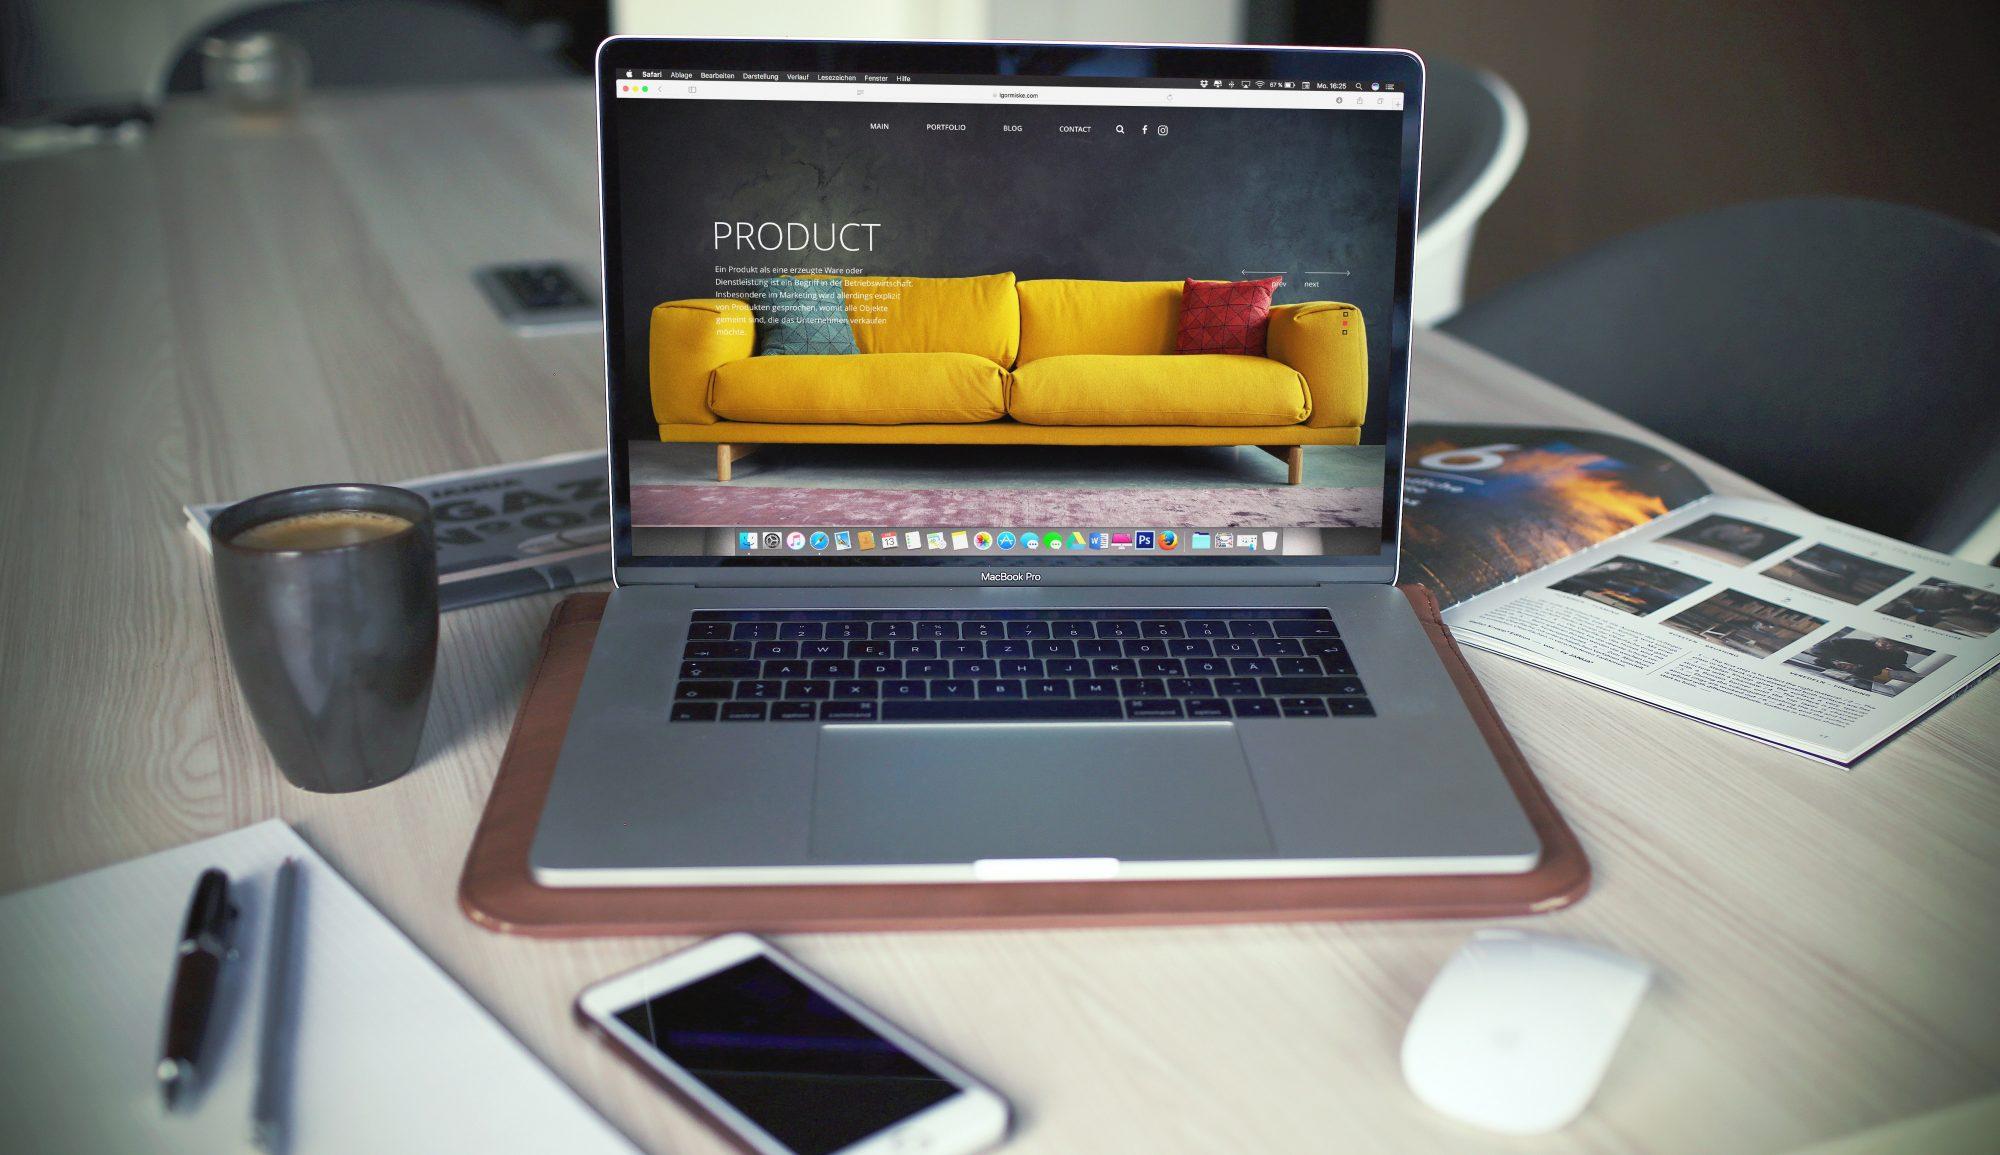 macbook pro website mockup preview